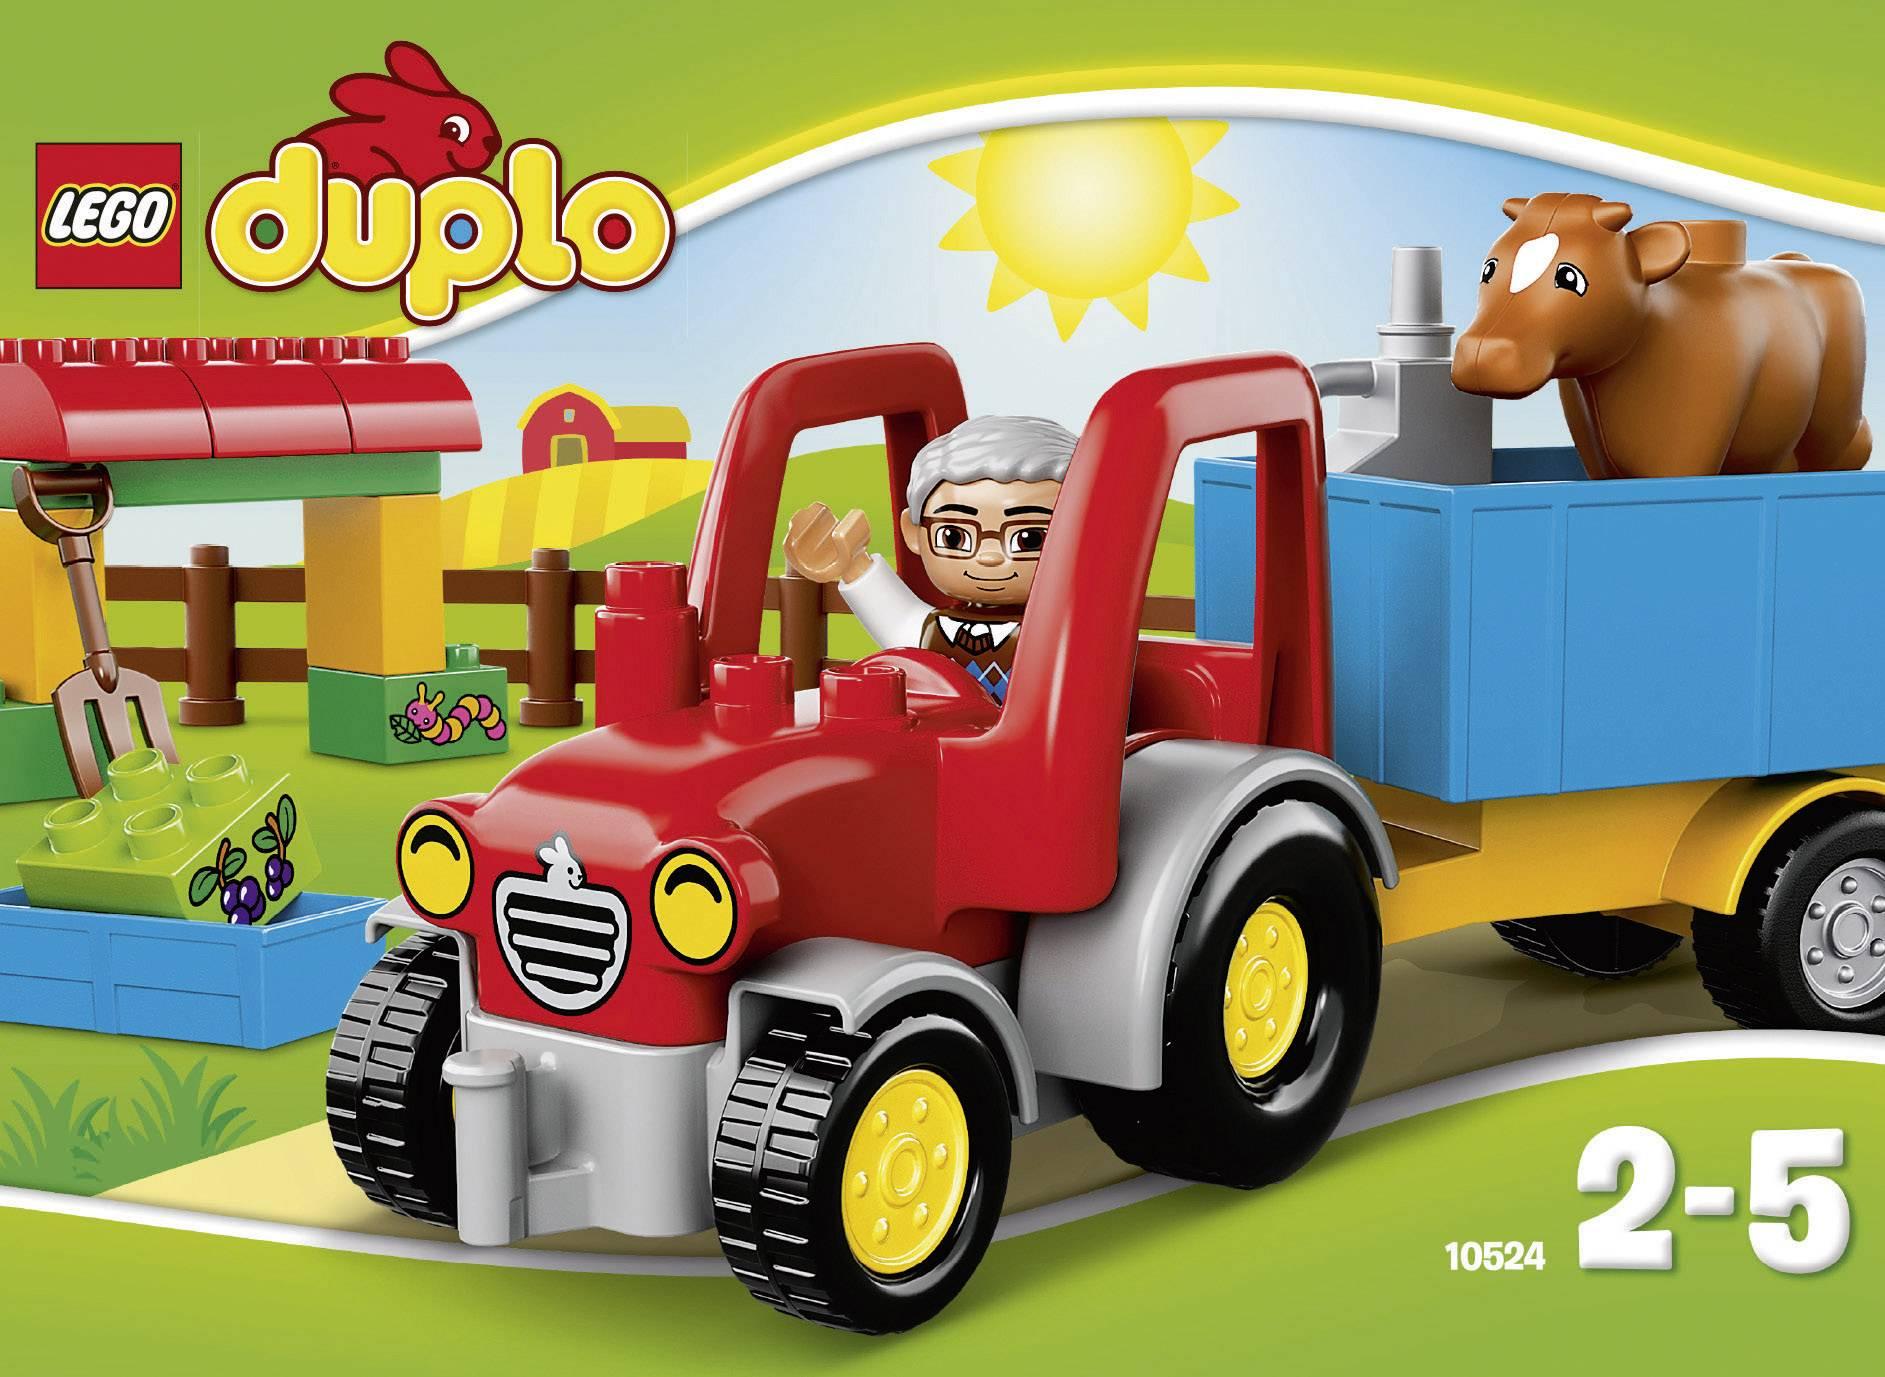 DUPLO 10524 Le Tracteur de la Ferme Jeu de Construction LEGO